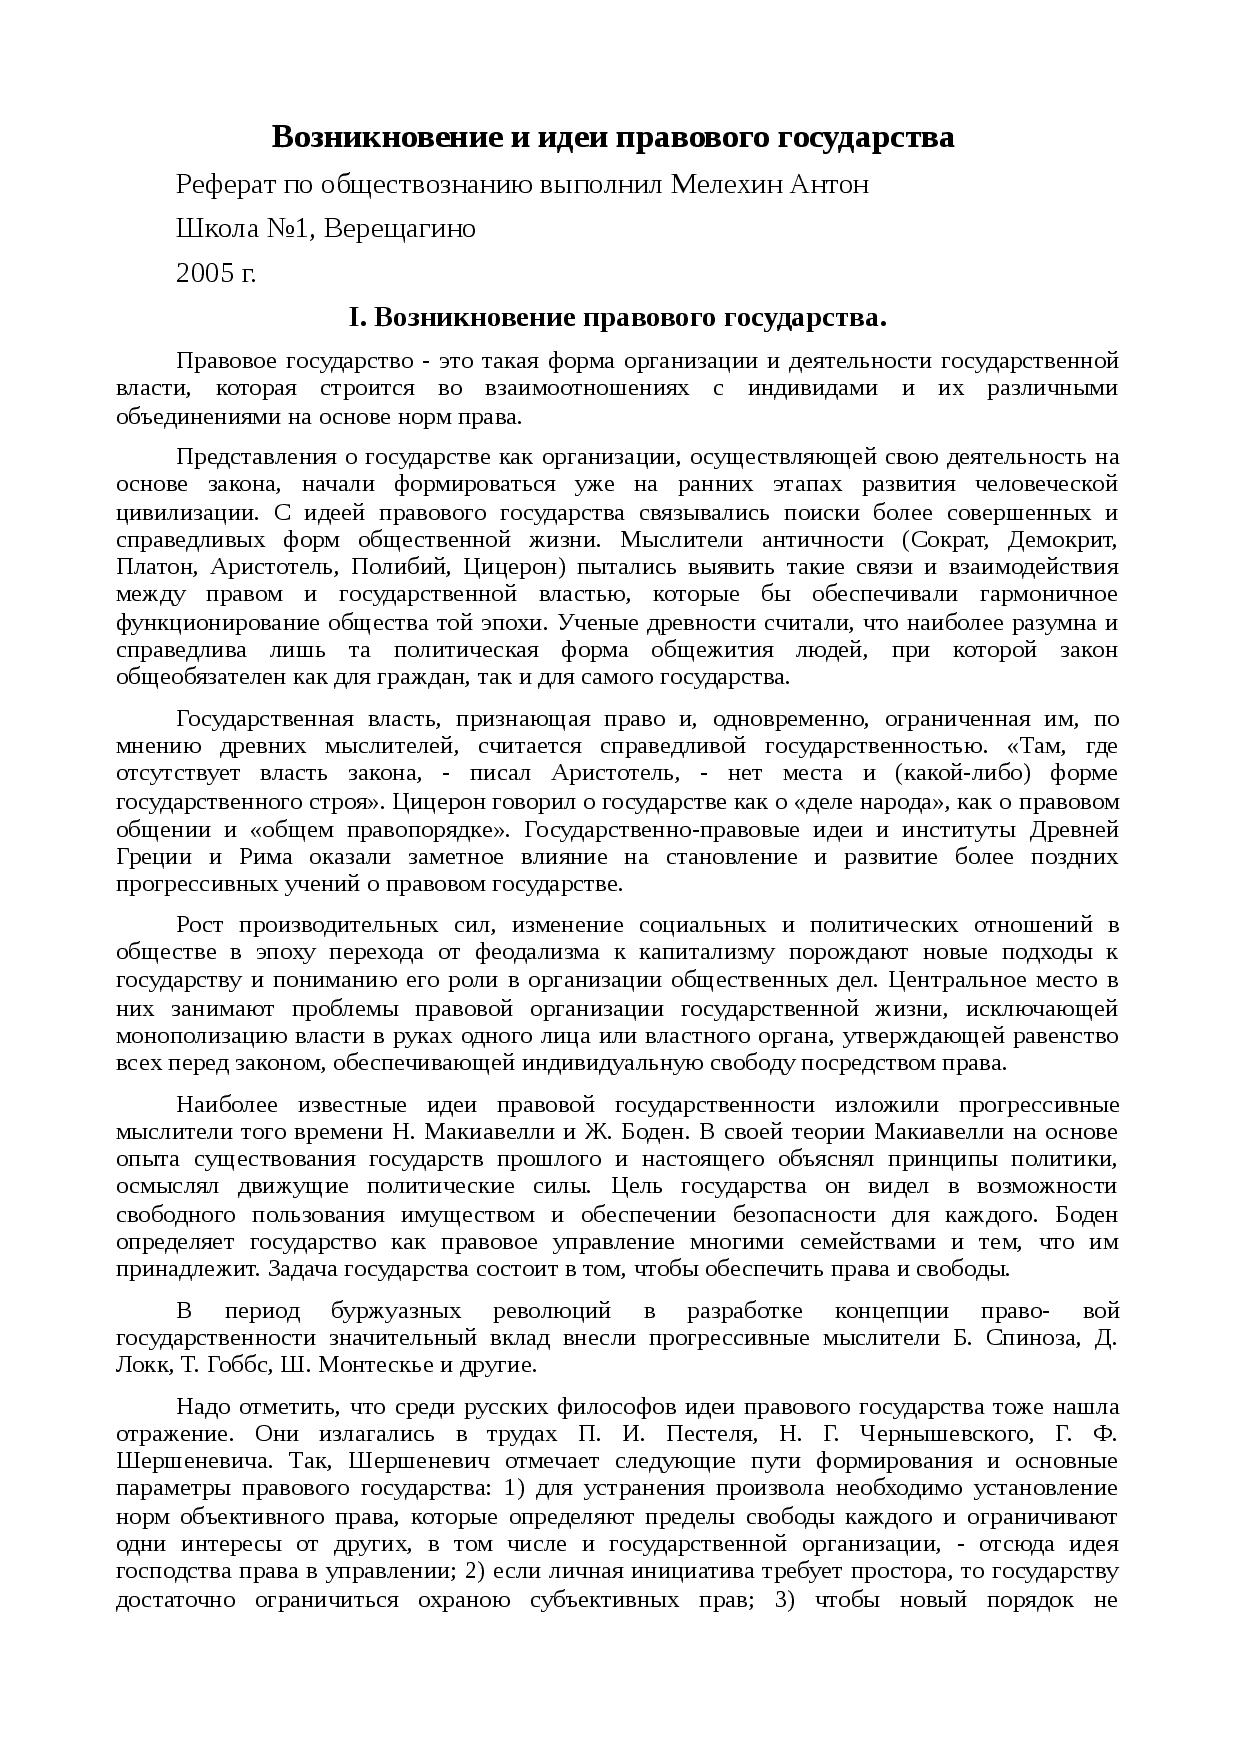 Правовое государство. понятие, принципы и признаки правового государства